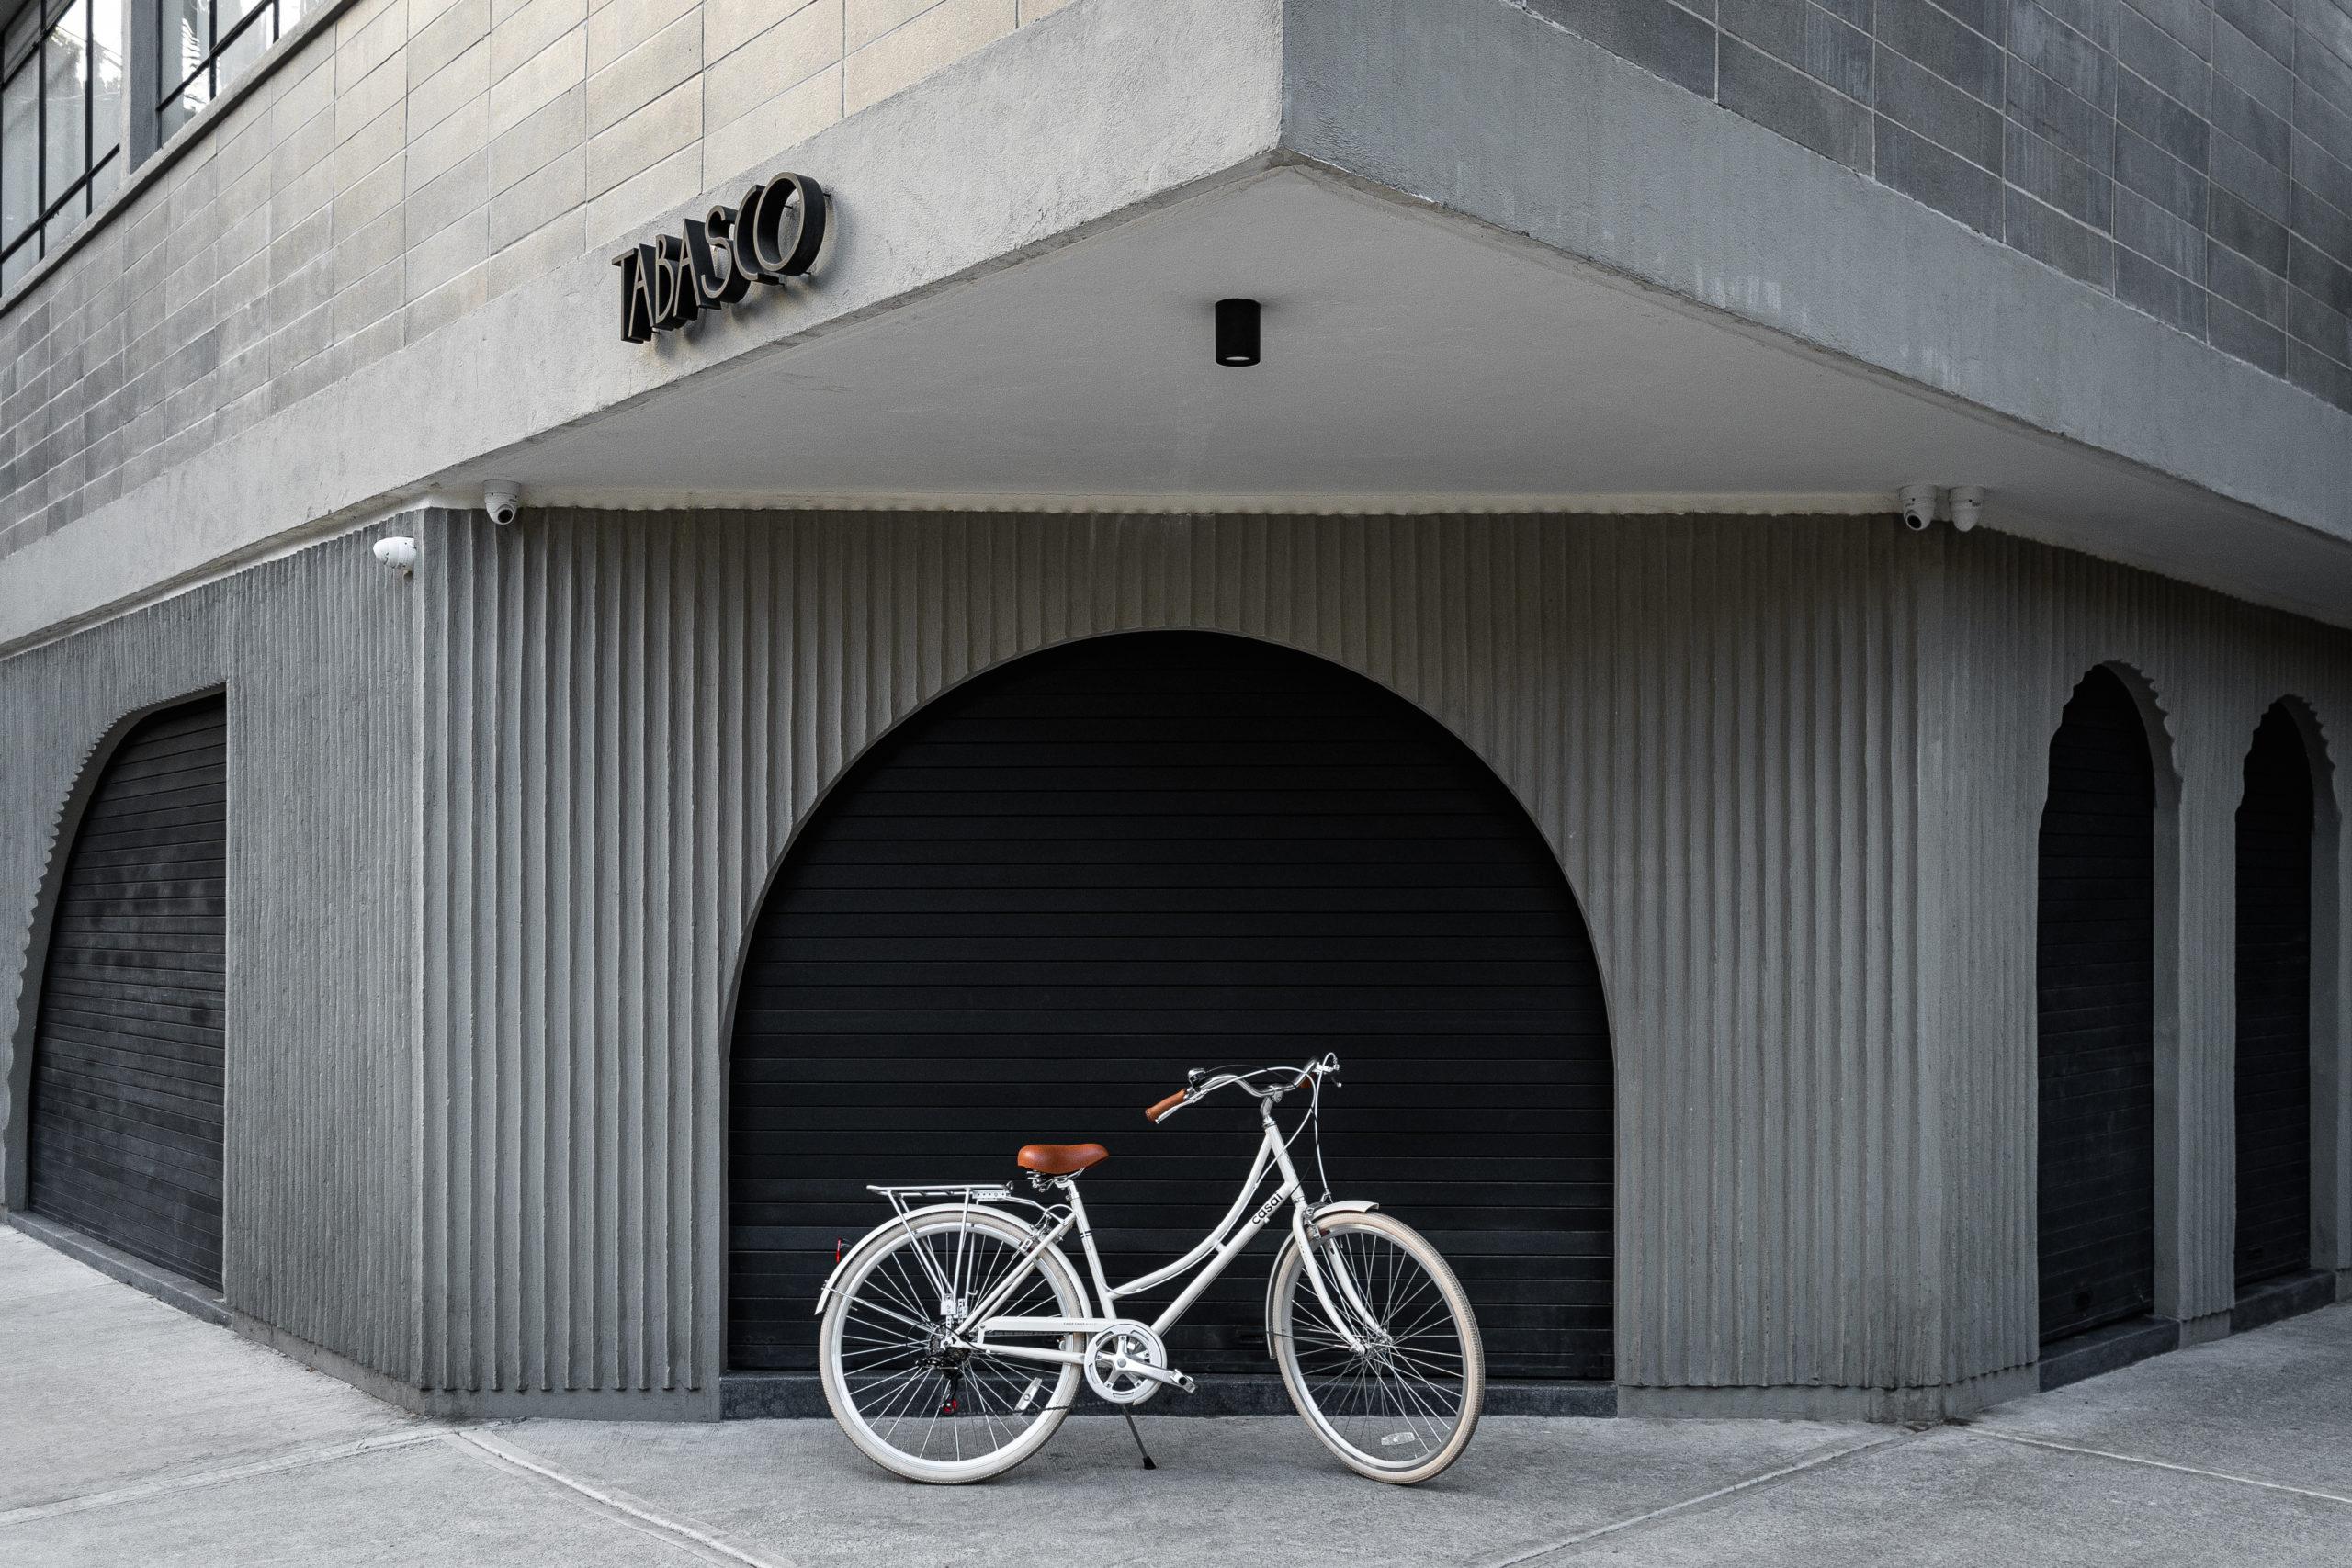 Casai city bikes roma norte mexico city